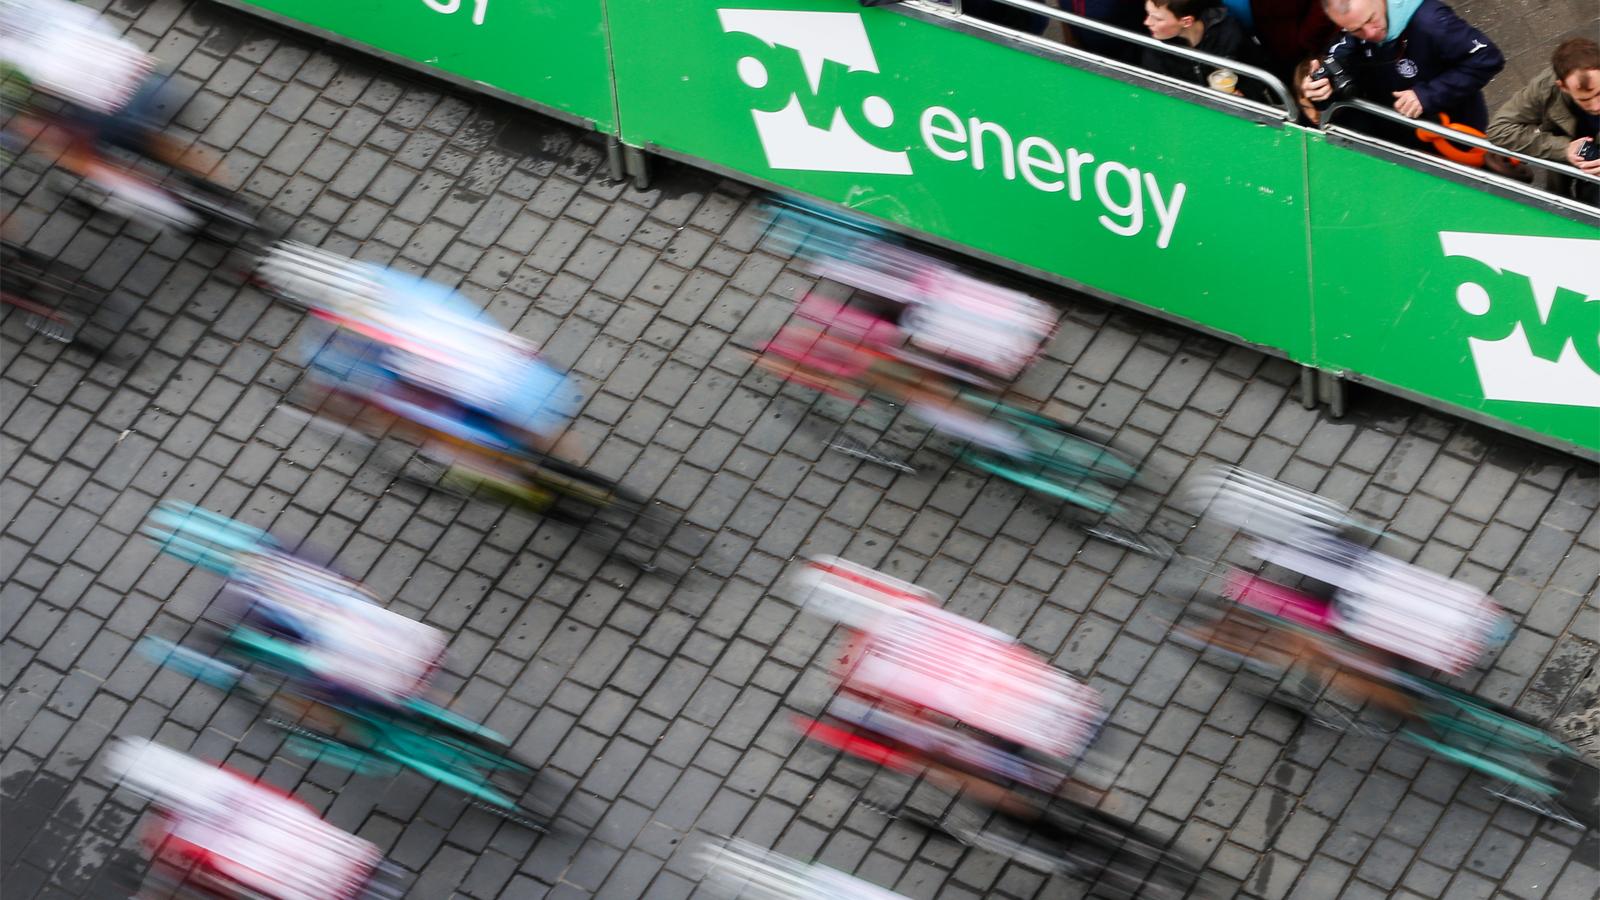 e-Bike experiences coming to the 2018 OVO Energy Women's Tour